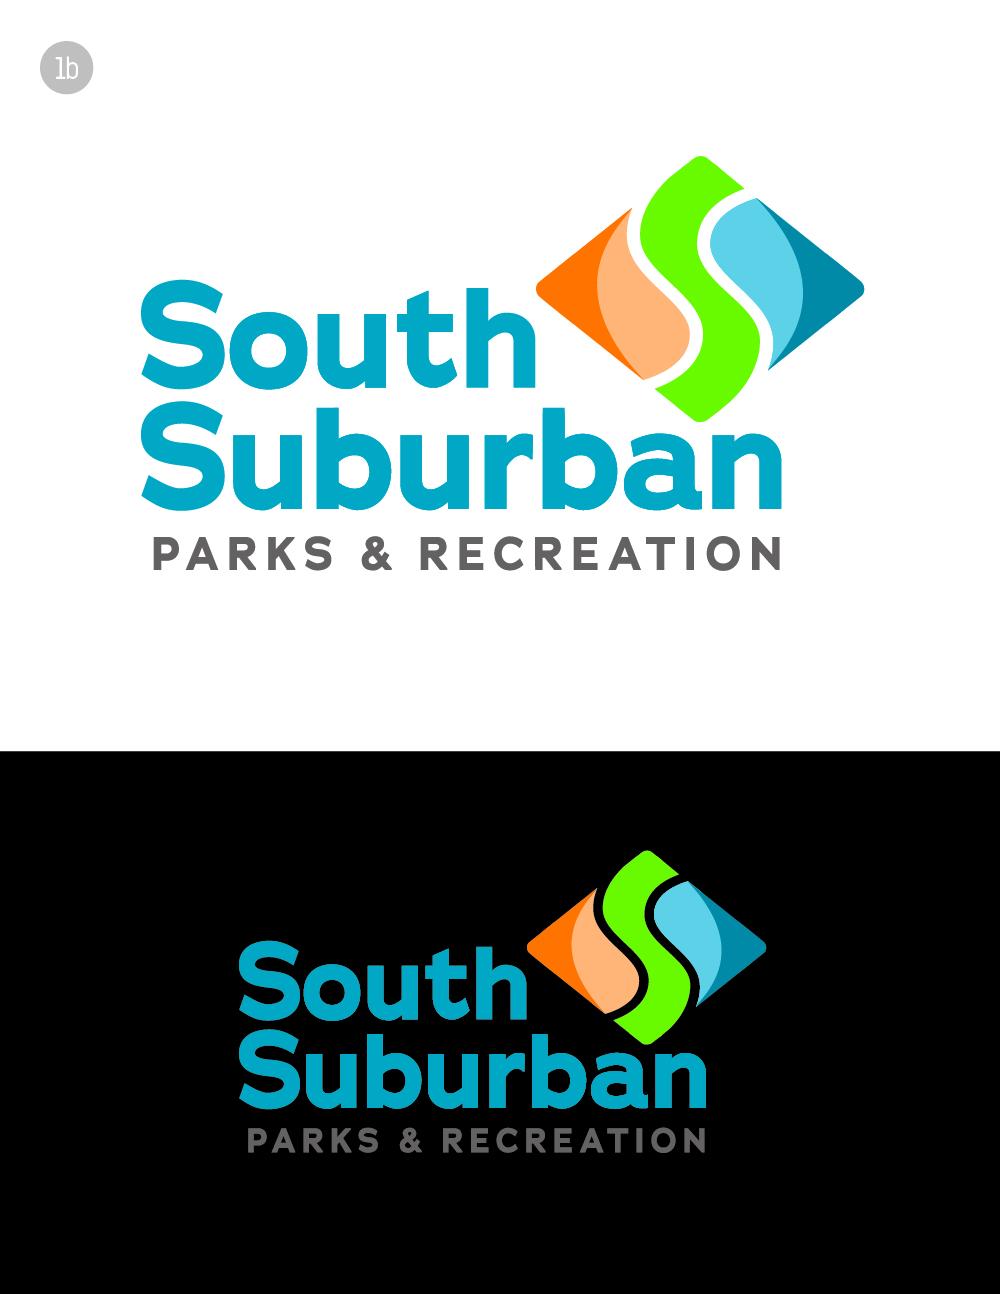 2018-05-03 SS logo 1b.jpg